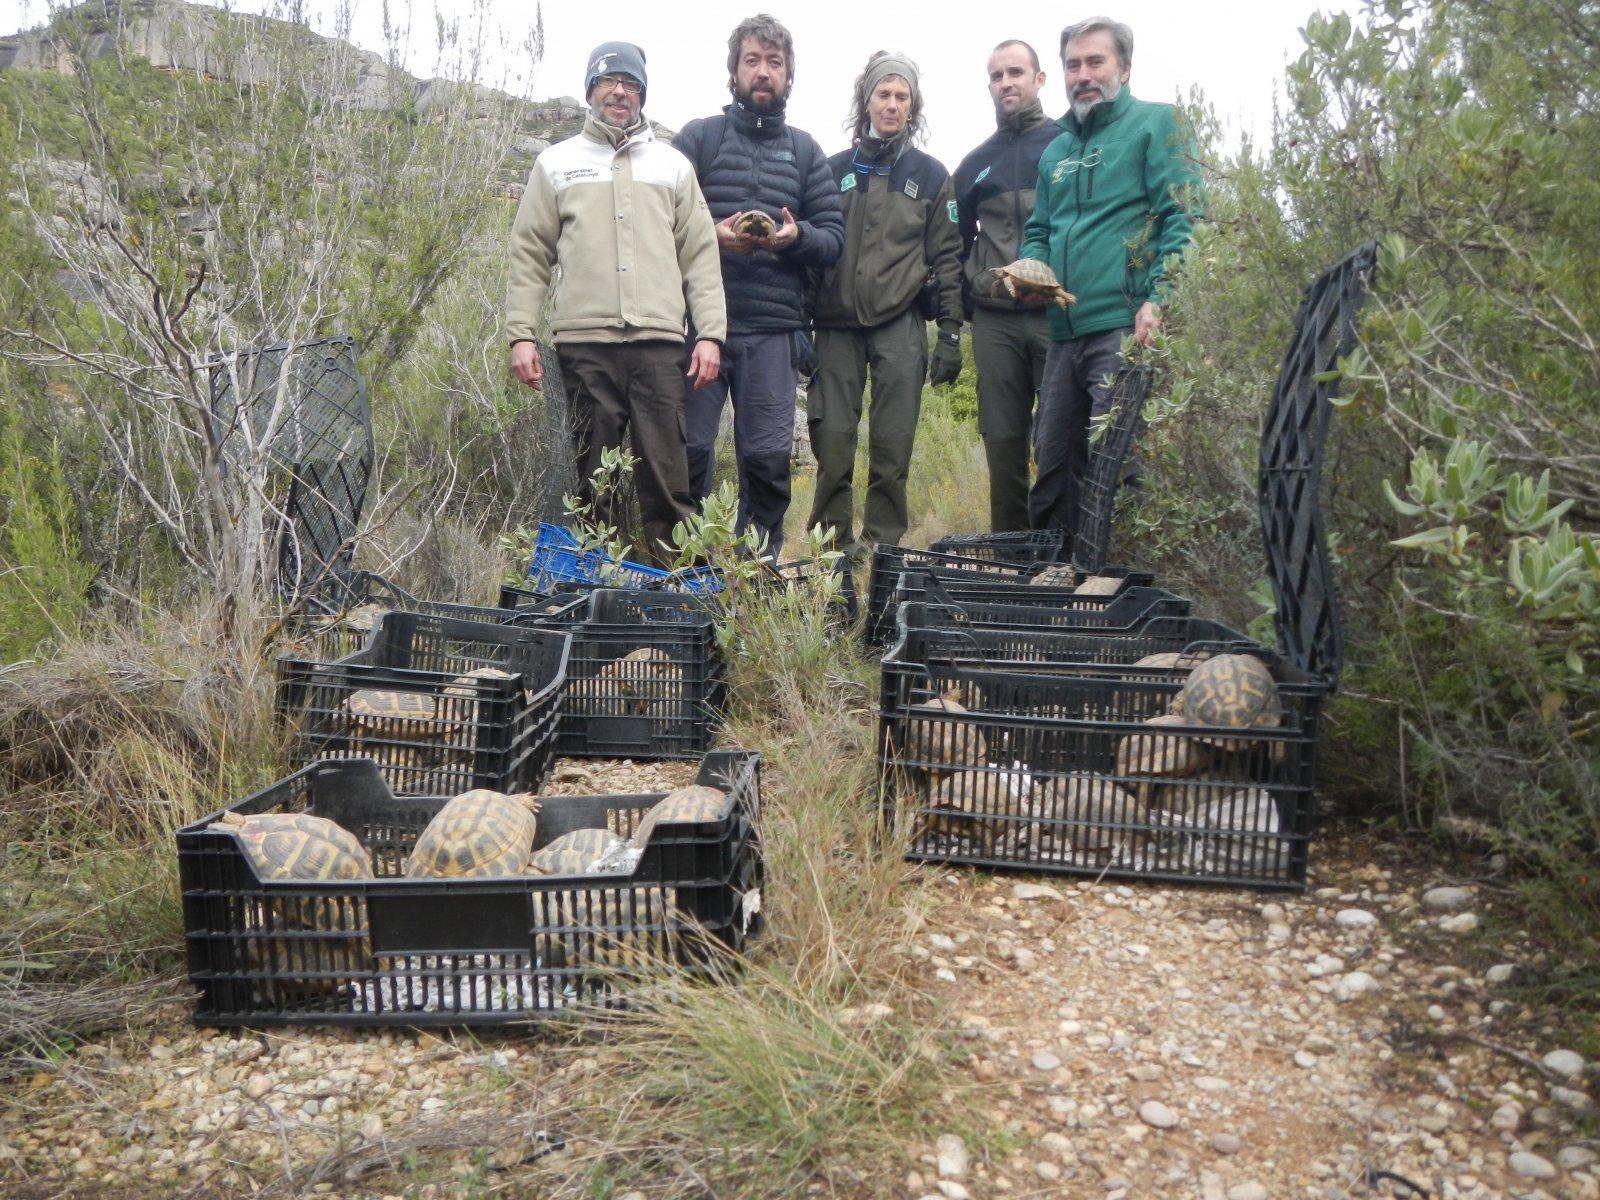 Les tortugues mediterrànies poc abans de ser alliberades